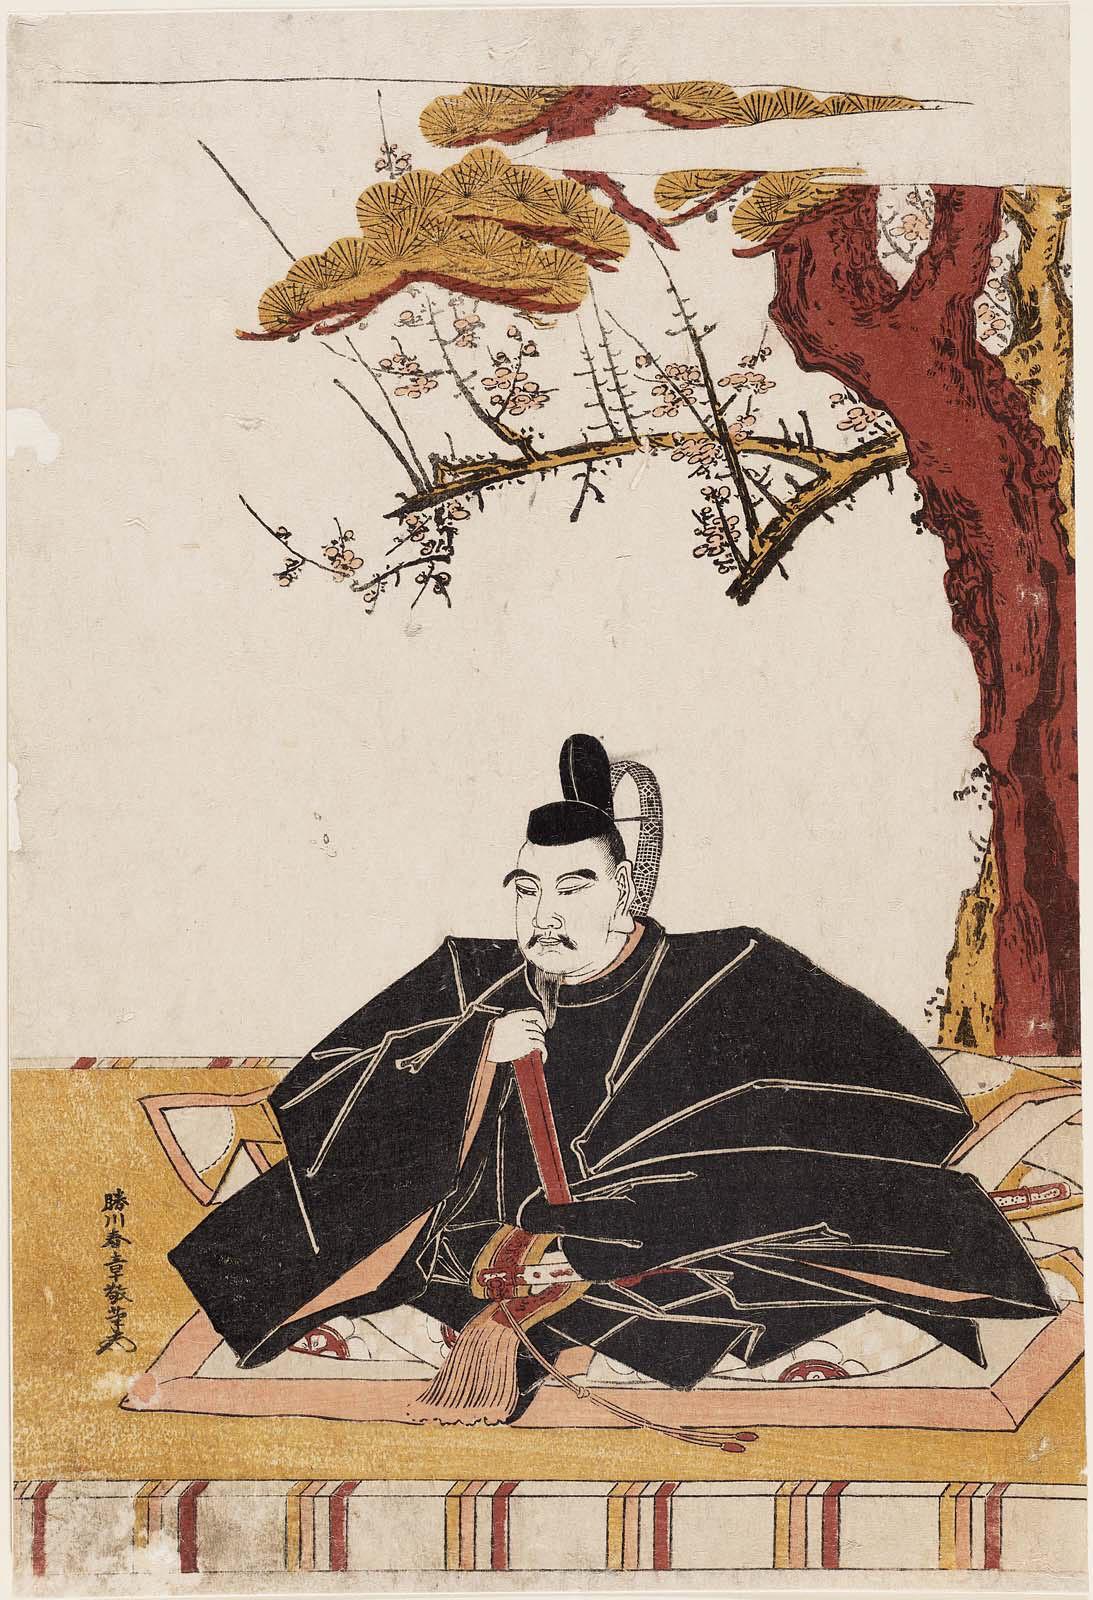 Reiwa: La nueva era japonesa de la armonía y la esperanza